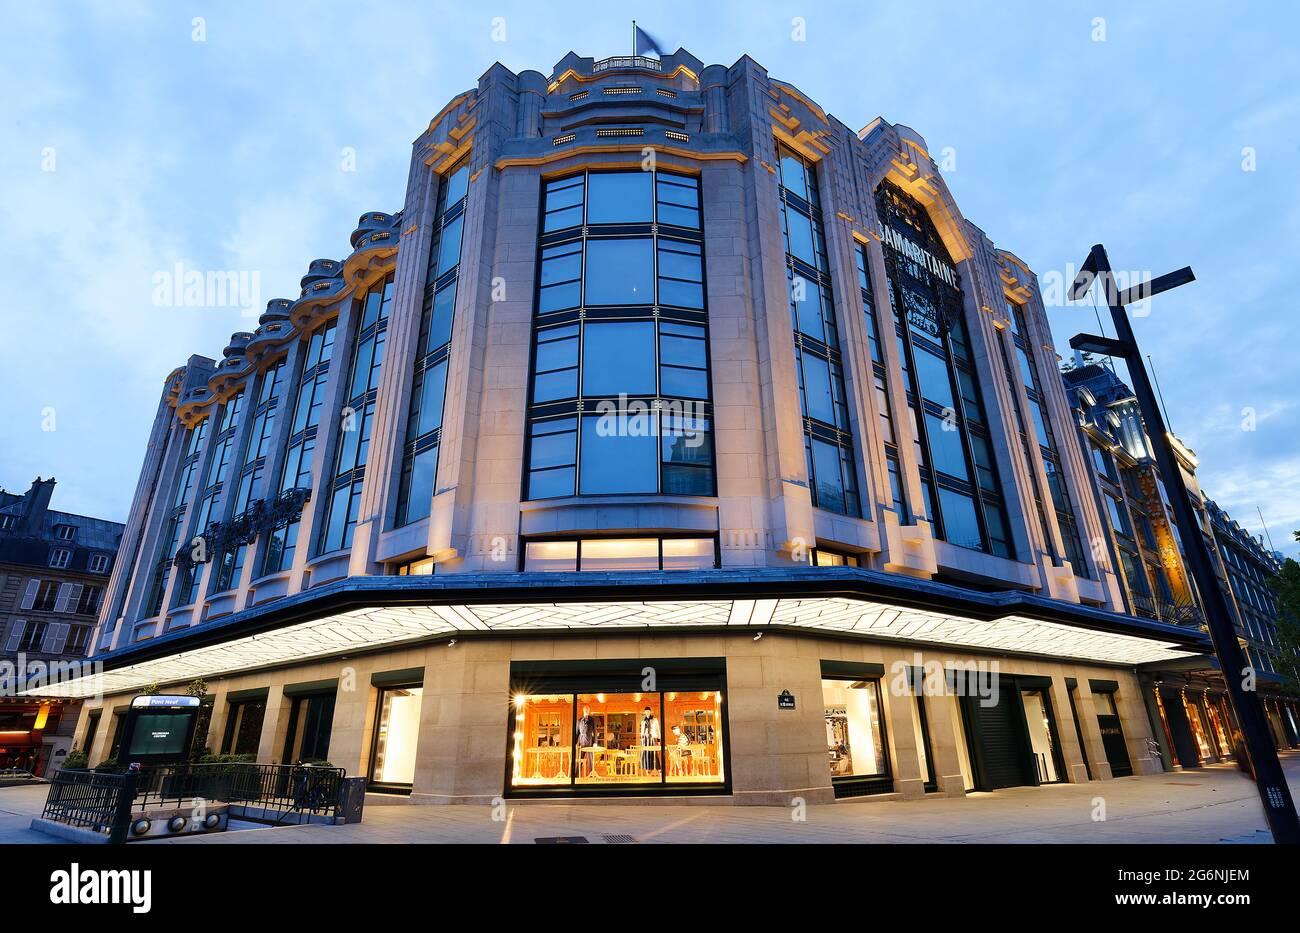 Samaritaine est un grand magasin situé dans le premier arrondissement de Paris, en France. Niché entre la Seine et la rue de Rivoli Banque D'Images